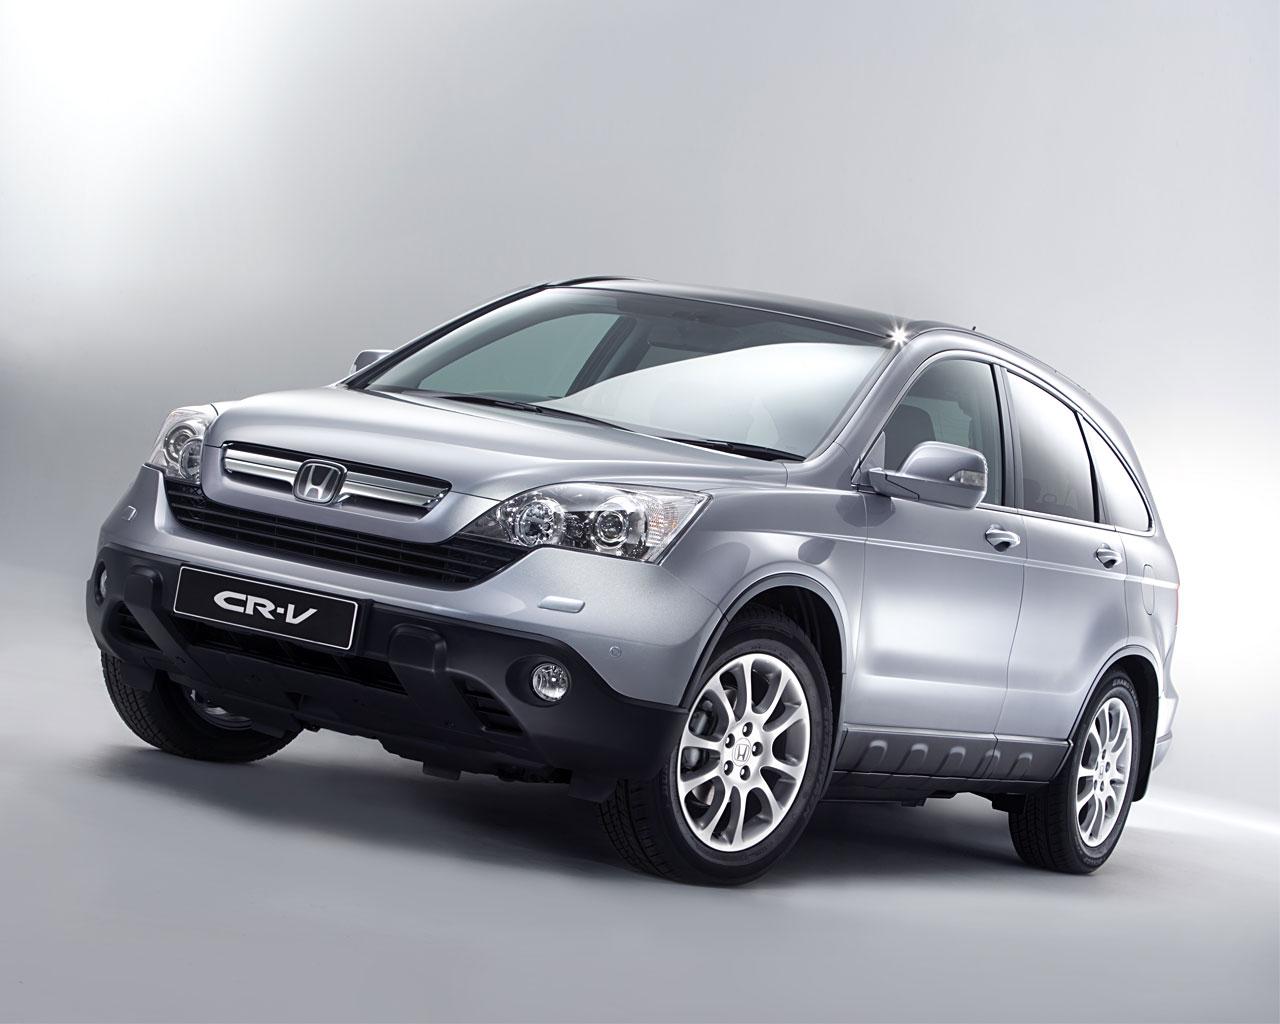 Honda cr v 2010 фото